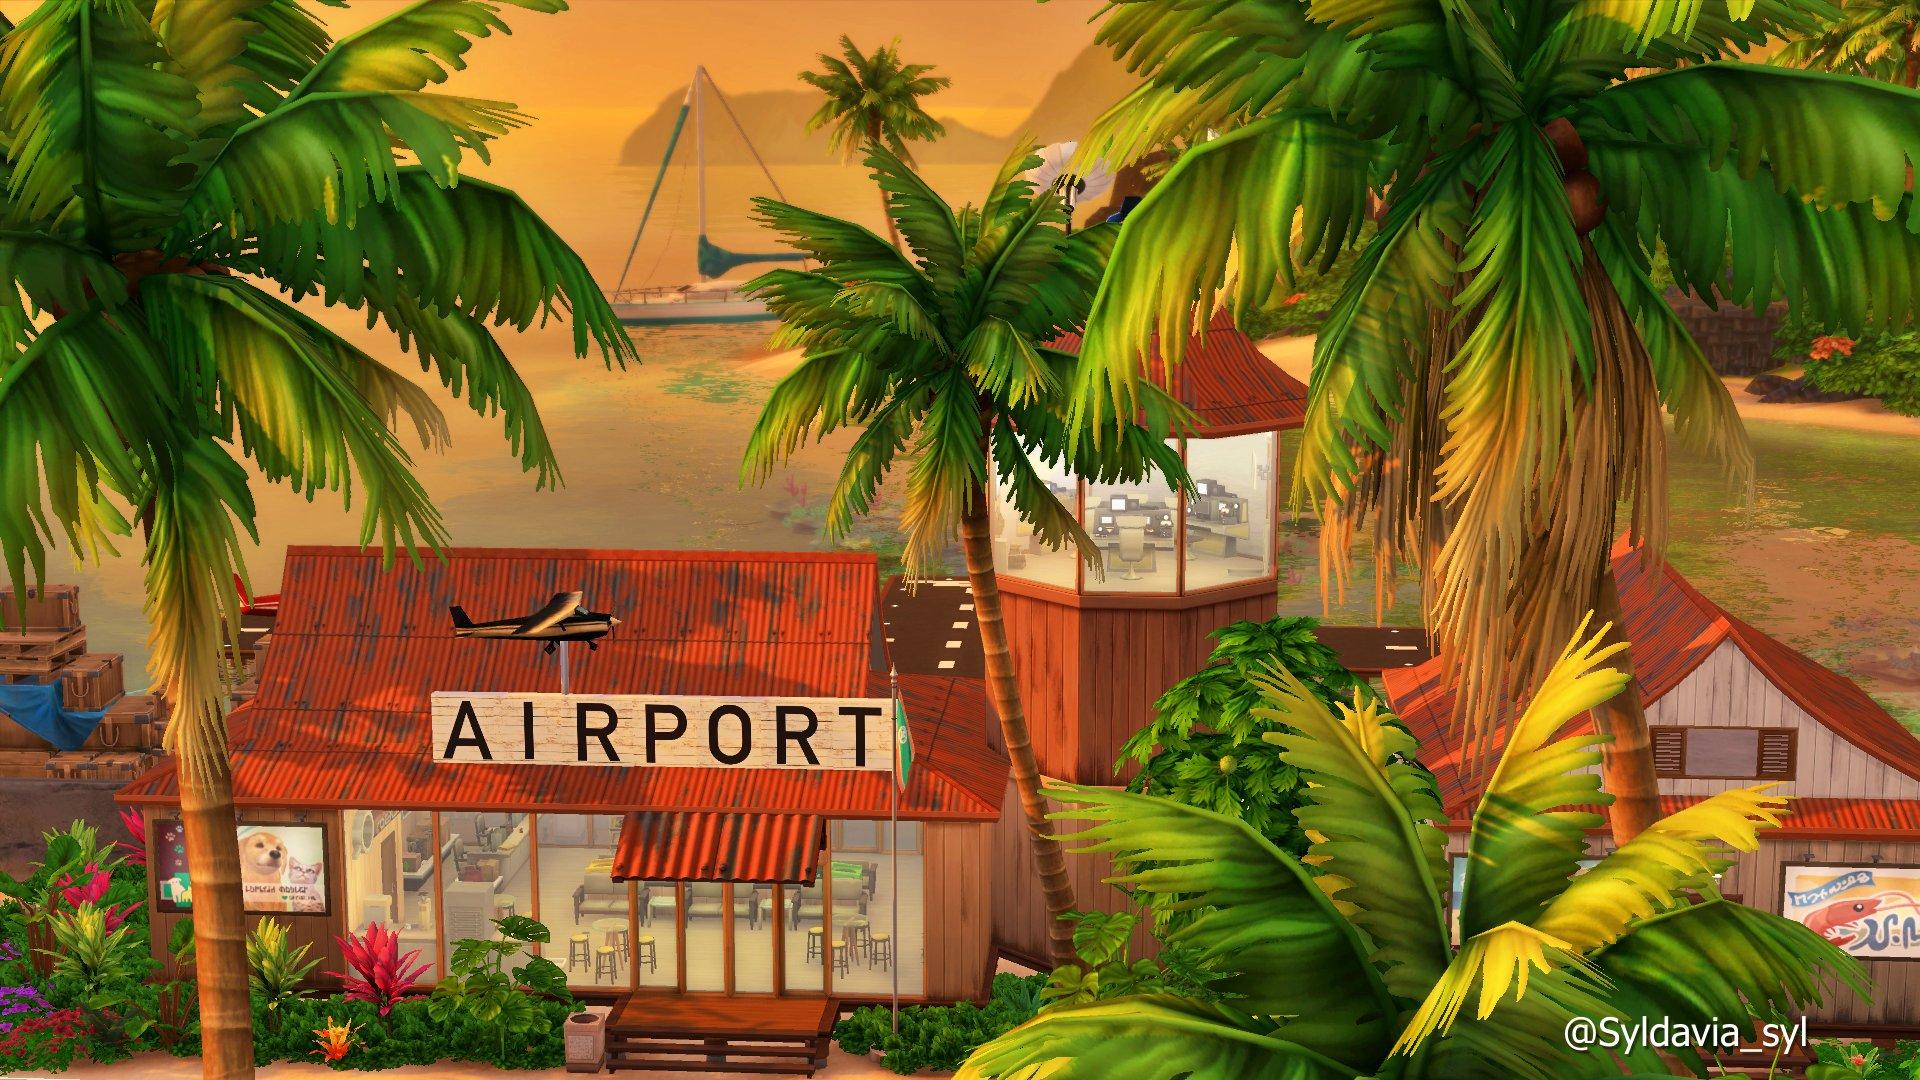 Sulani es una isla y hay que llegar a ella. Aquí un pequeño aeropuerto, totalmente necesario. SULANI AIRPORT, disponible en la galería #TheSims4Gallery ID Syldavia_syl #ShowUsYourBuilds #SimsCreatorsComunity #SupMag #HOTSC @SimsCreatorsCom @CentralSimmer @Simlish4 @simmersdigest https://t.co/C06JVE2c74